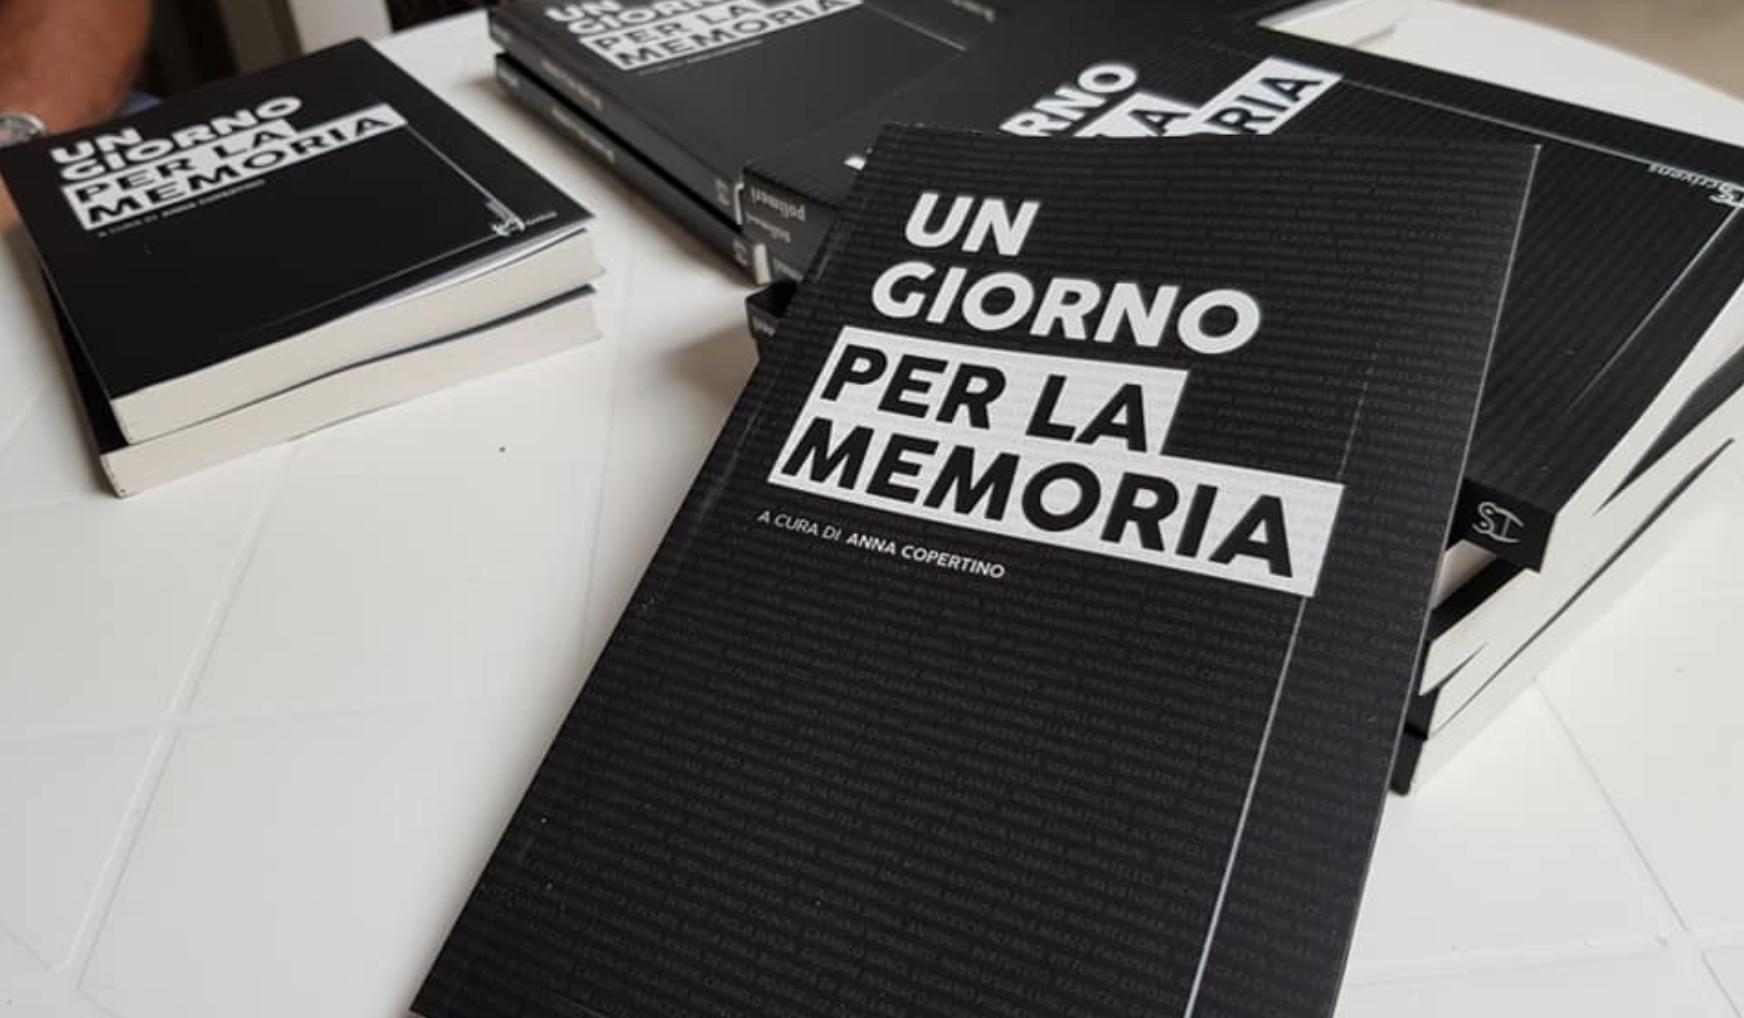 Un Giorno per la Memoria